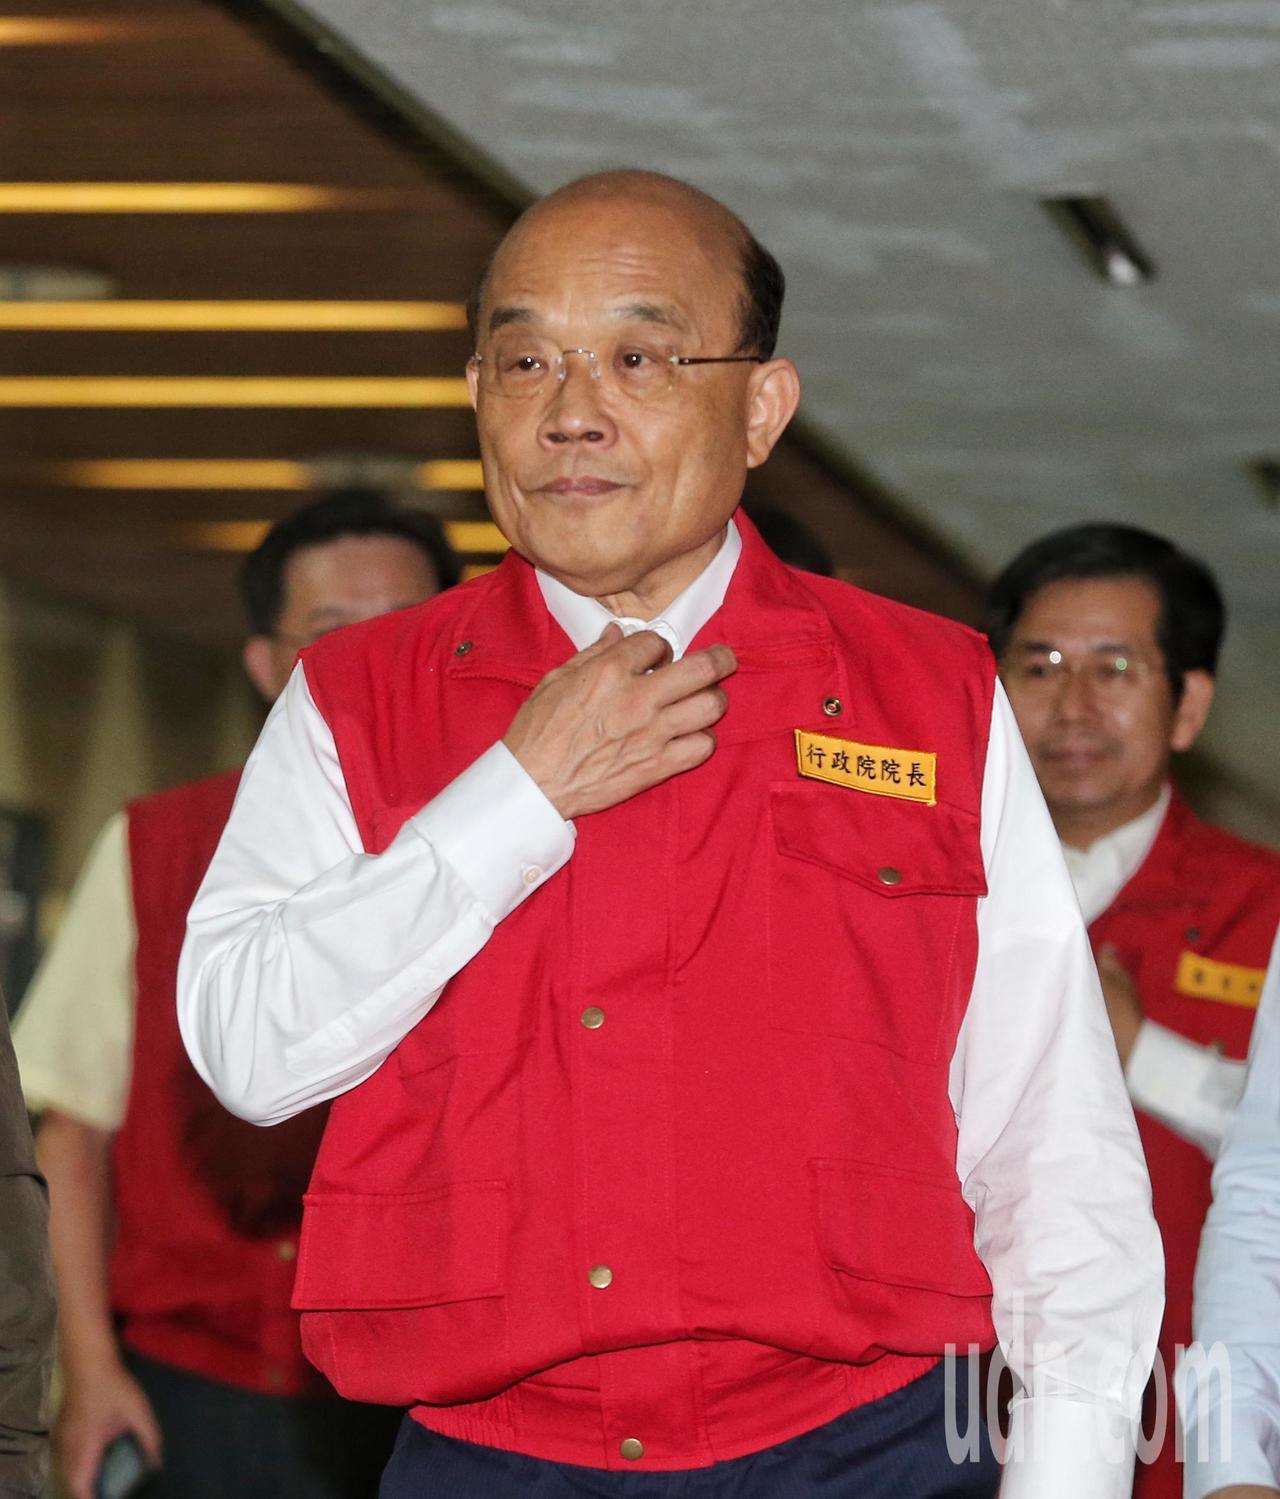 行政院長蘇貞昌前往中央災害應變中心聽取簡報。記者鄭清元/攝影